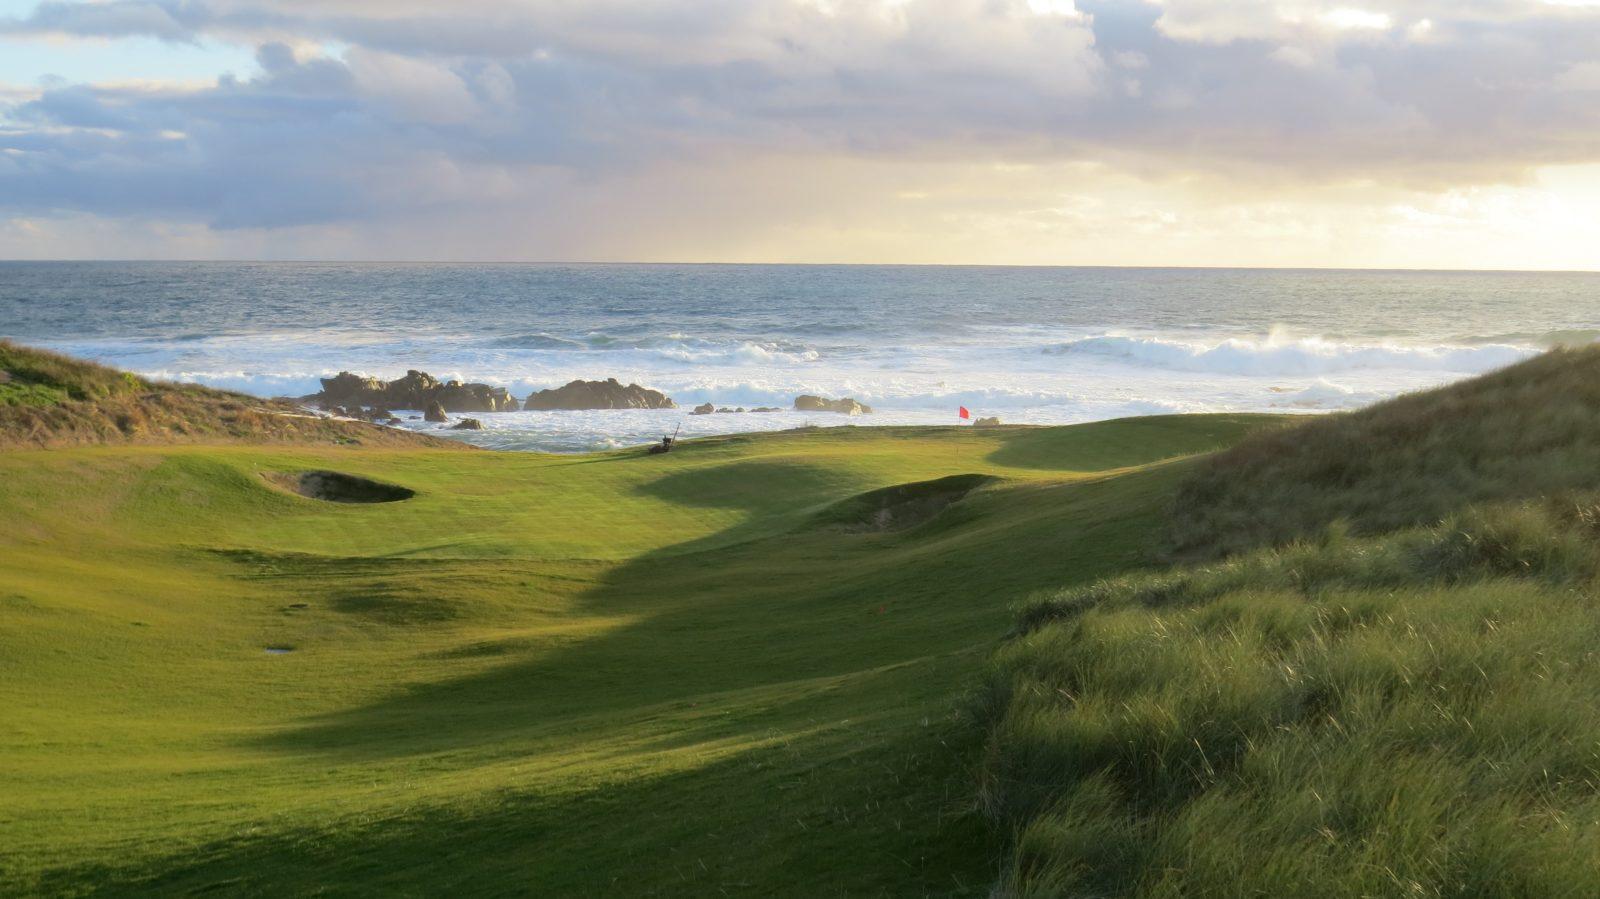 A golfing green